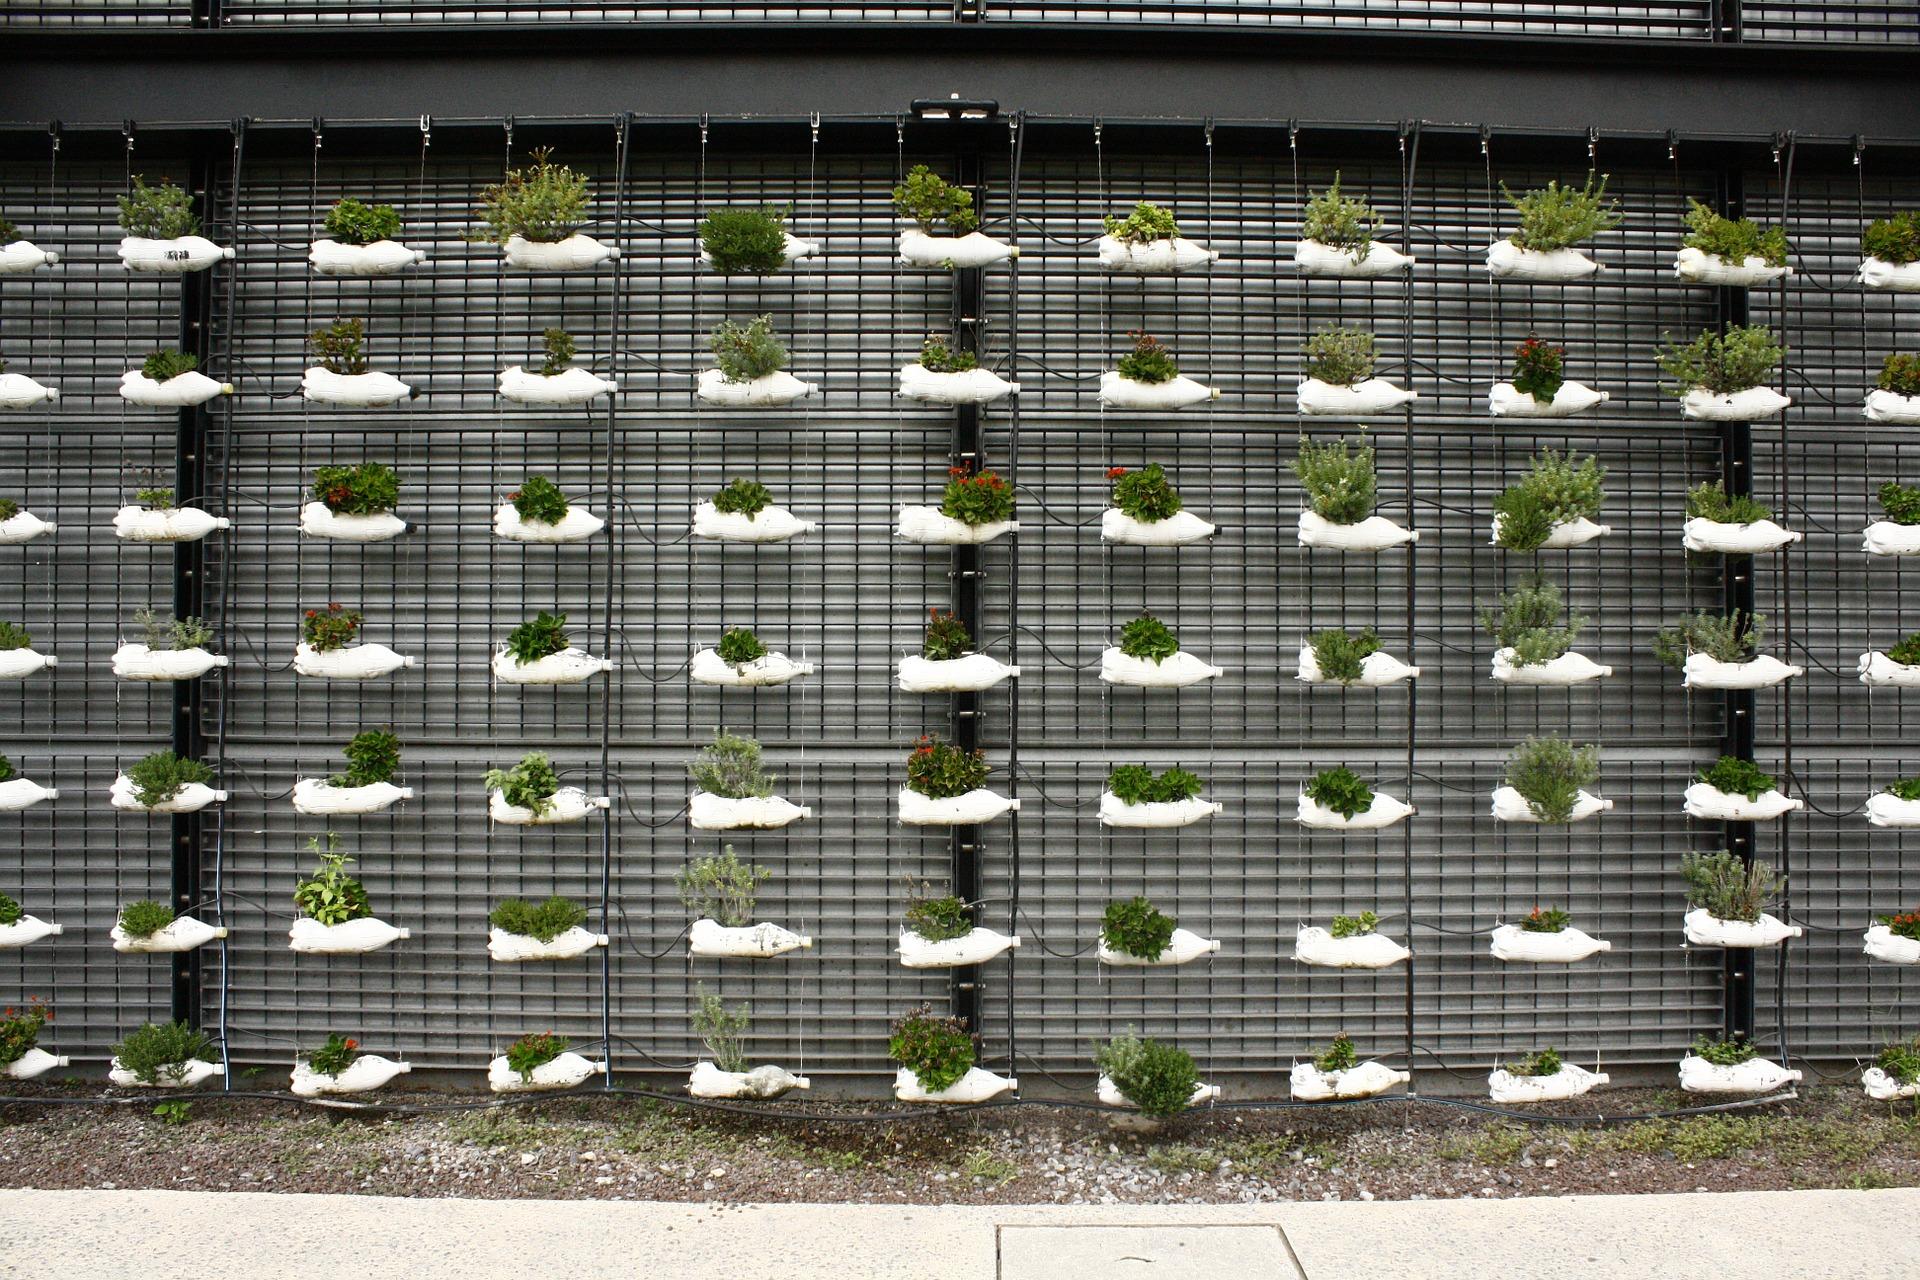 anbauen auf dem balkon ein selbst versuch in urban gardening greenline reisewelten. Black Bedroom Furniture Sets. Home Design Ideas